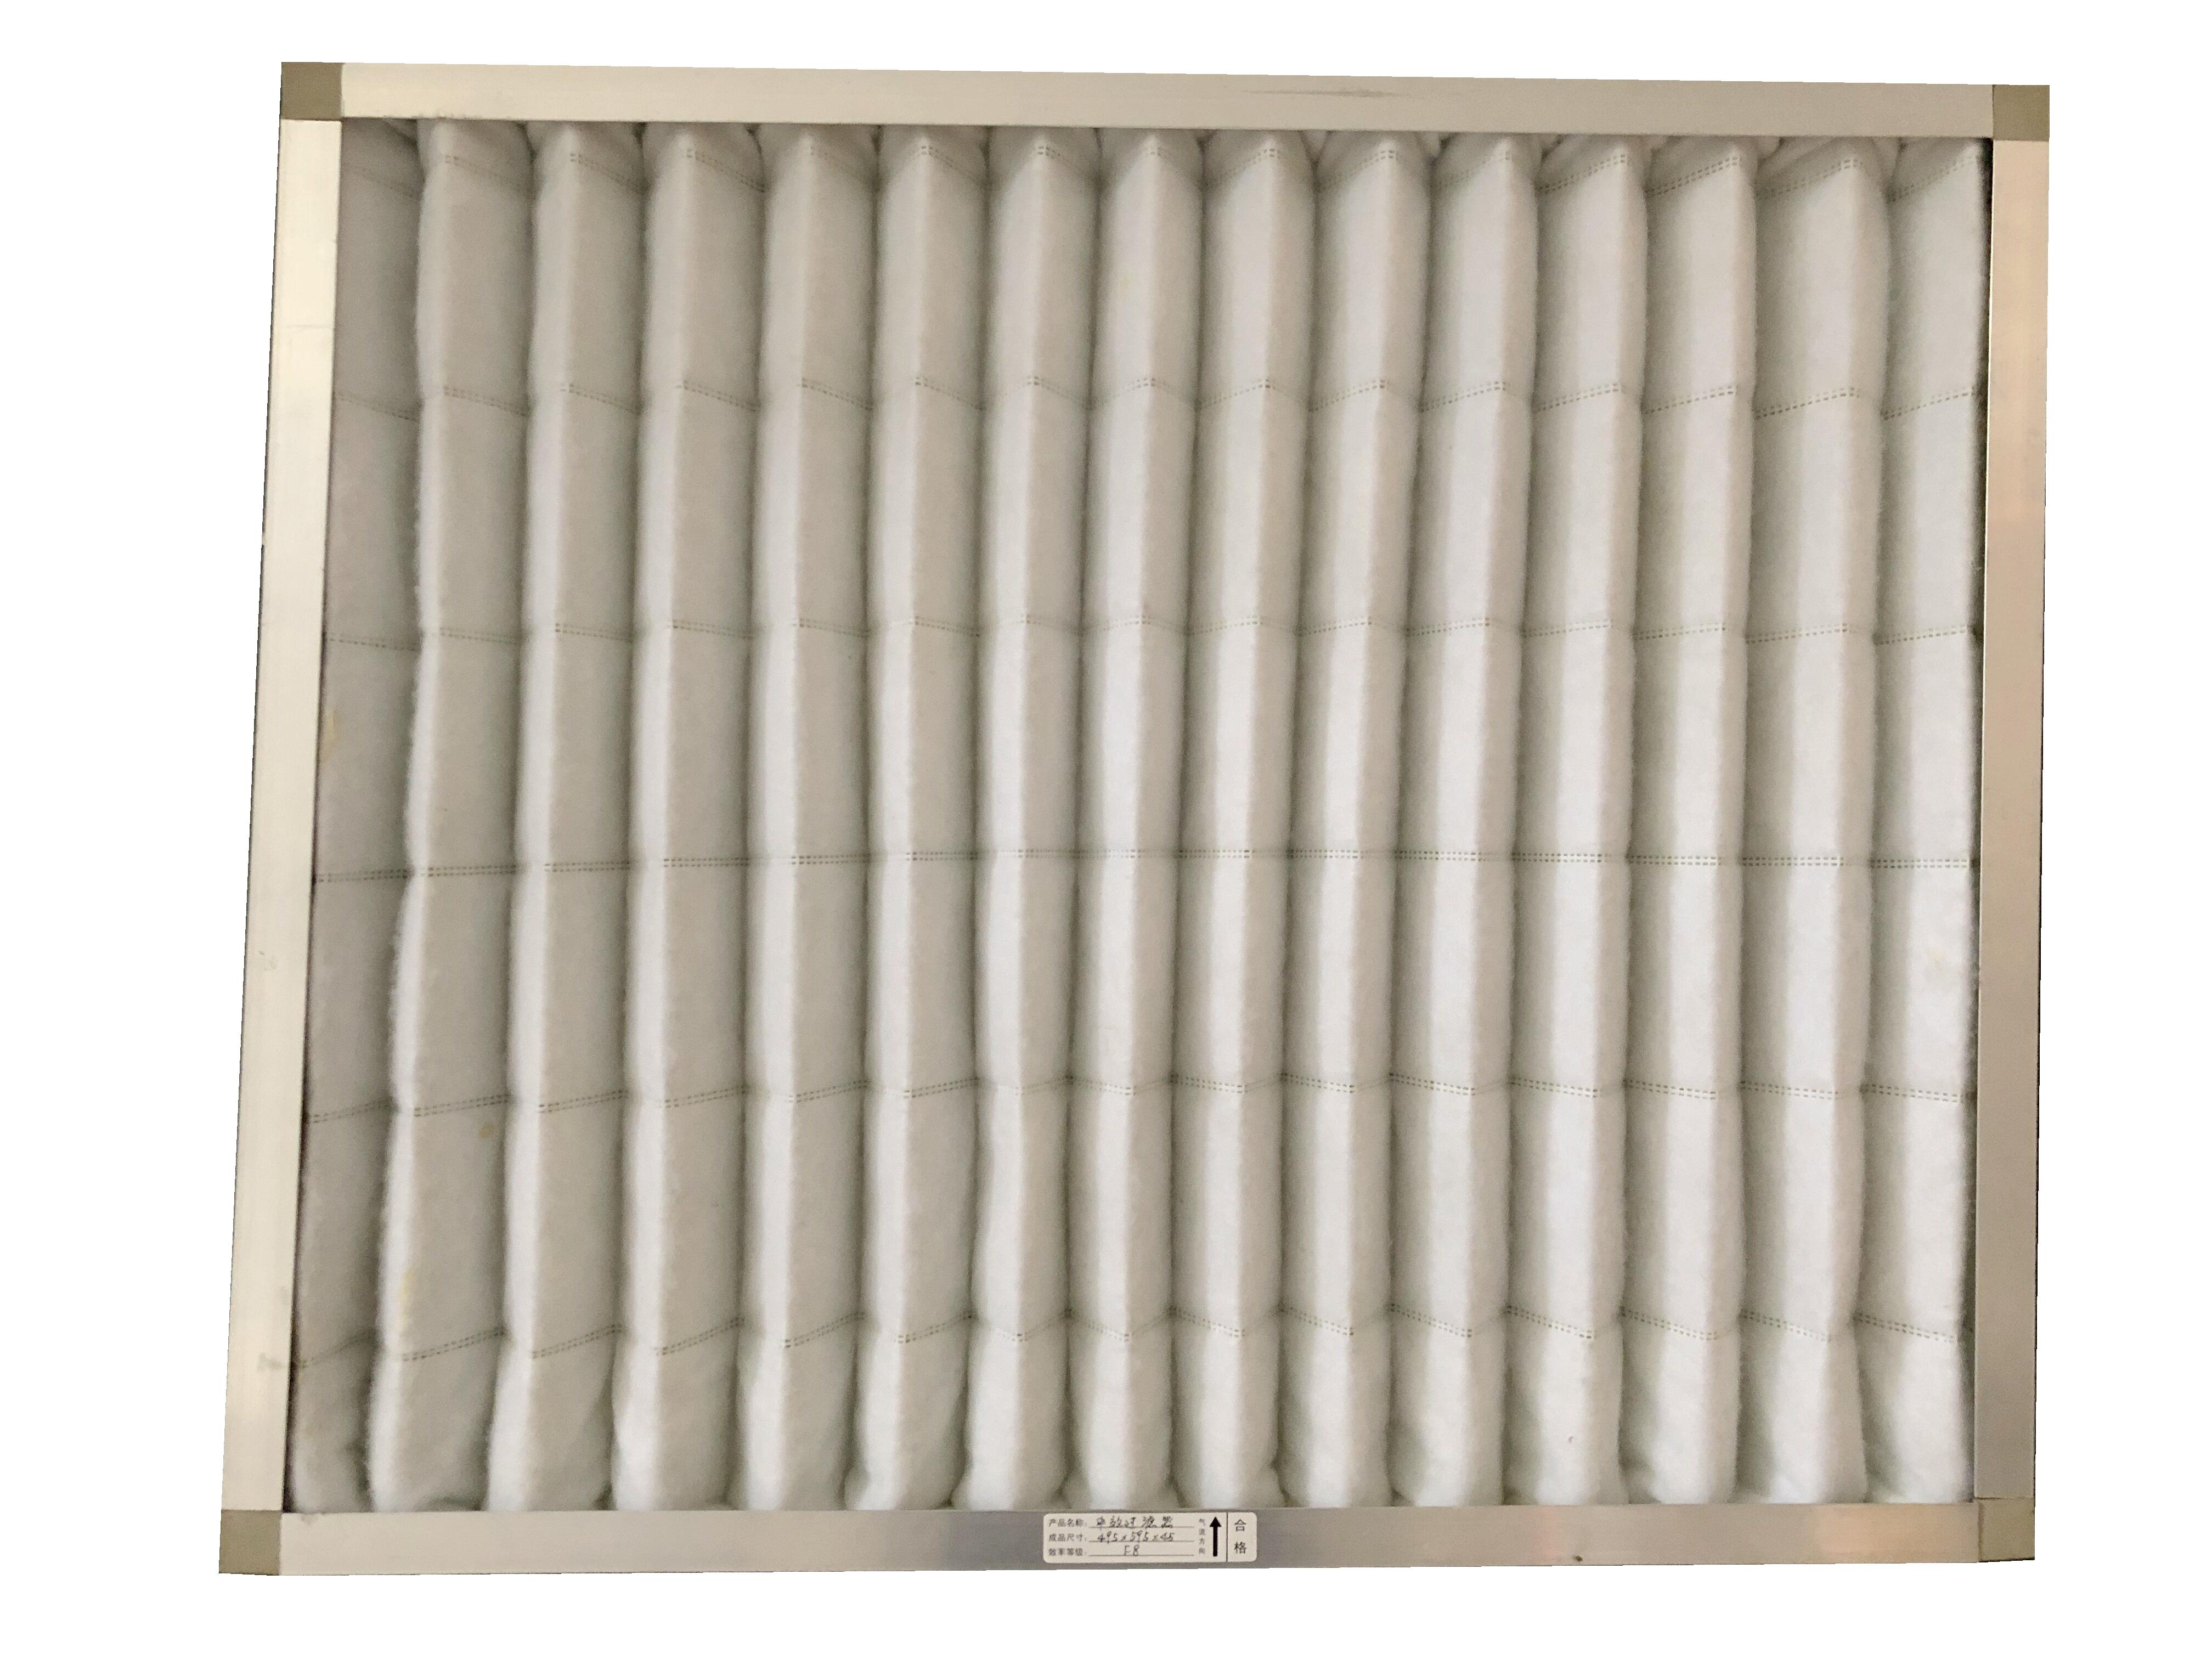 空气过滤器板式中效过滤器